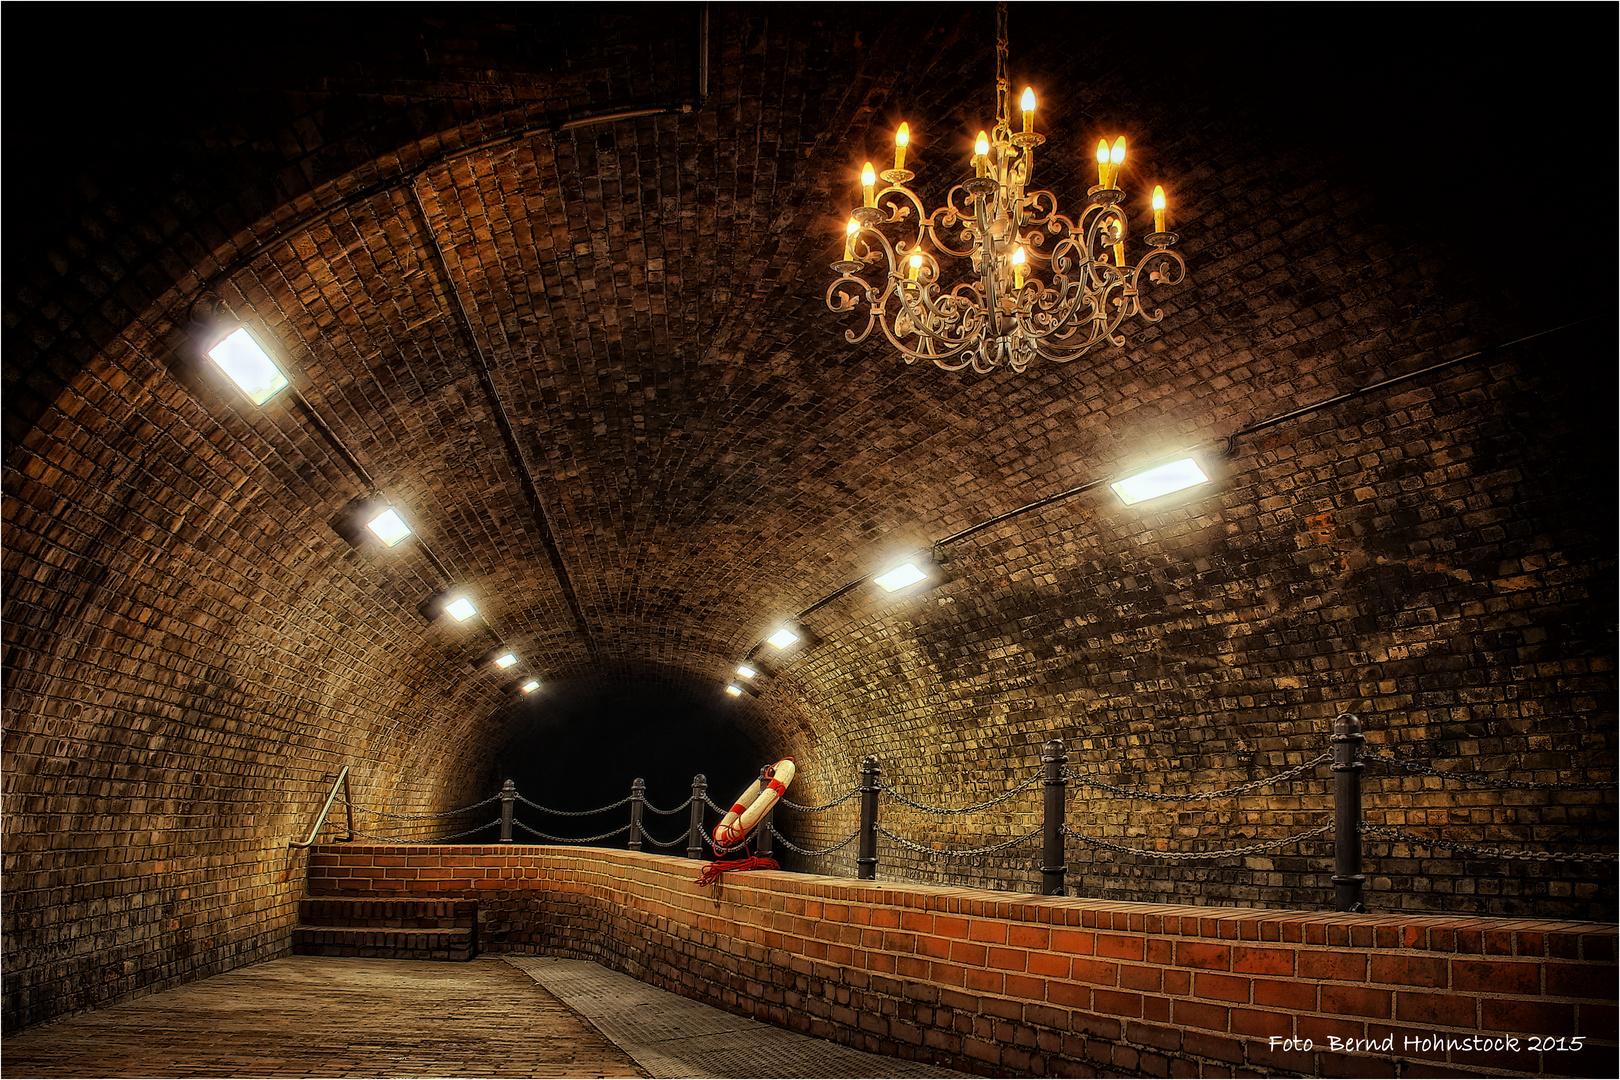 Besichtigung Kronleuchtersaal Köln ~ Kronleuchtersaal in der kölner kanalisation foto & bild